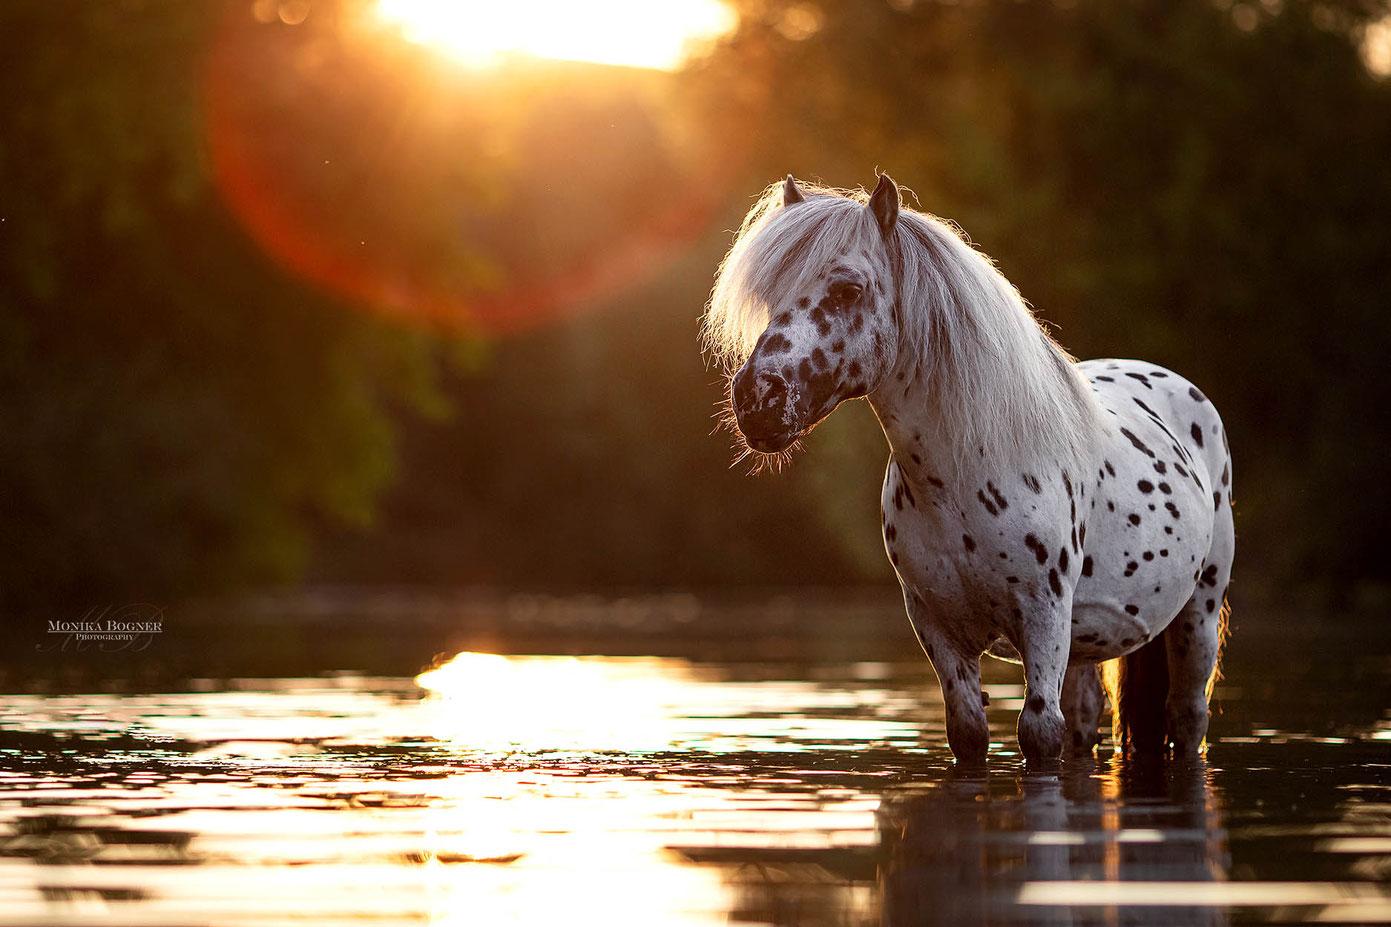 Pferdefotografie, Pony im Wasser bei Sonnenuntergang